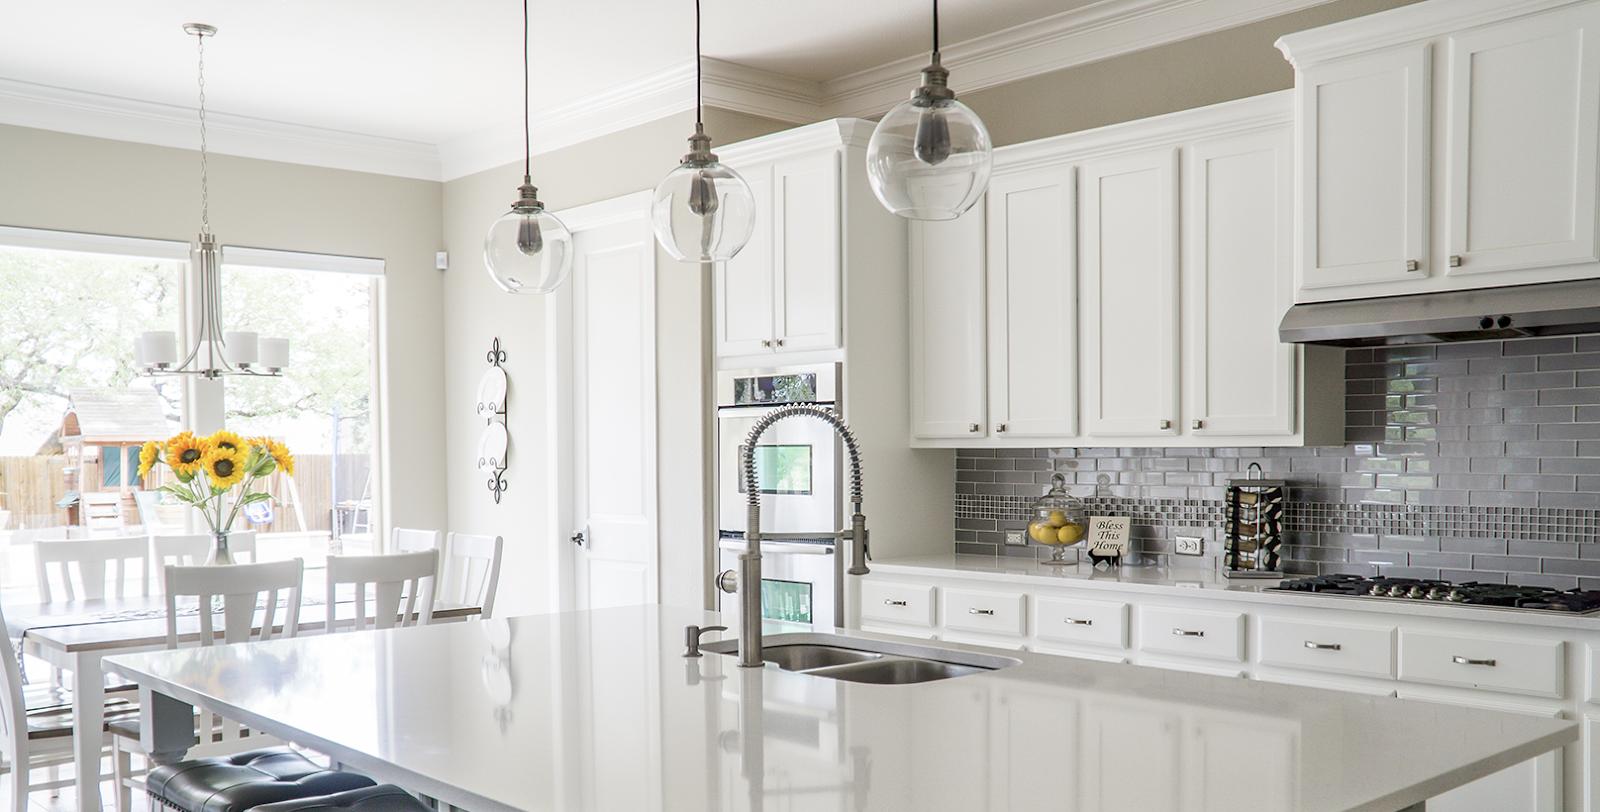 Mais praticidade: aprenda a organizar a sua cozinha